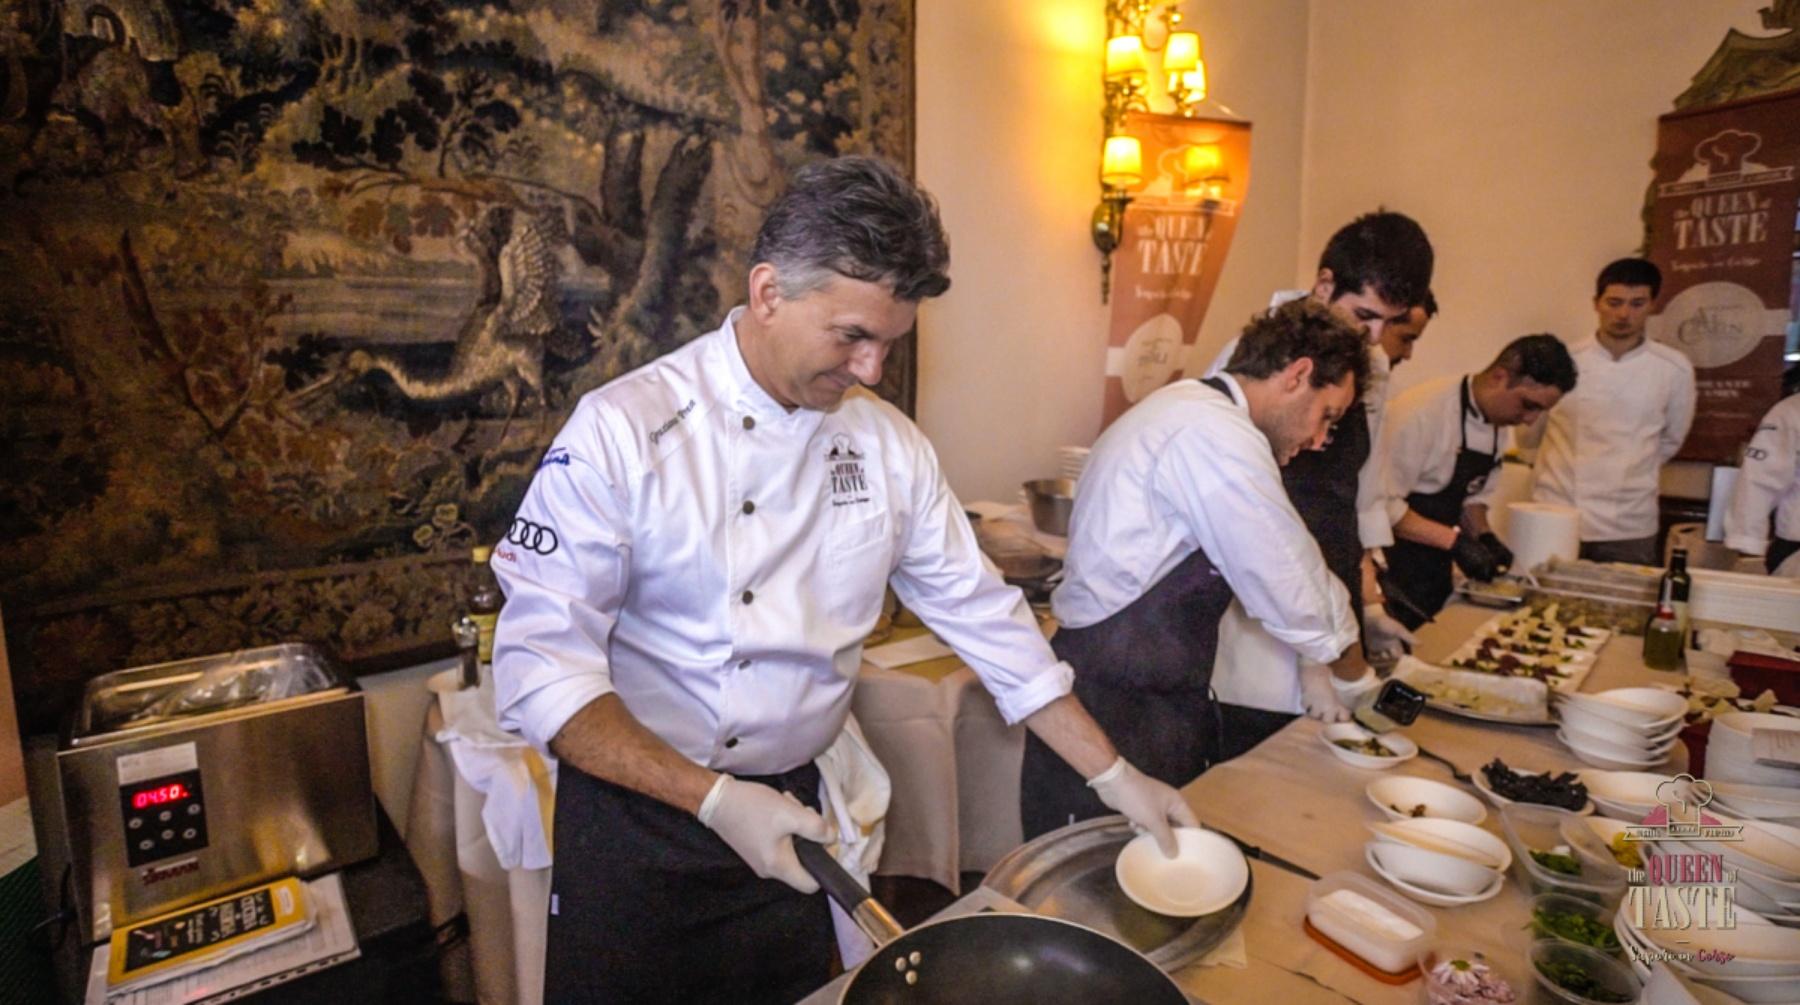 """Pranzo sul corso e street food dal tocco pink:torna a Cortina il """"The Queen of Taste"""" 2018"""